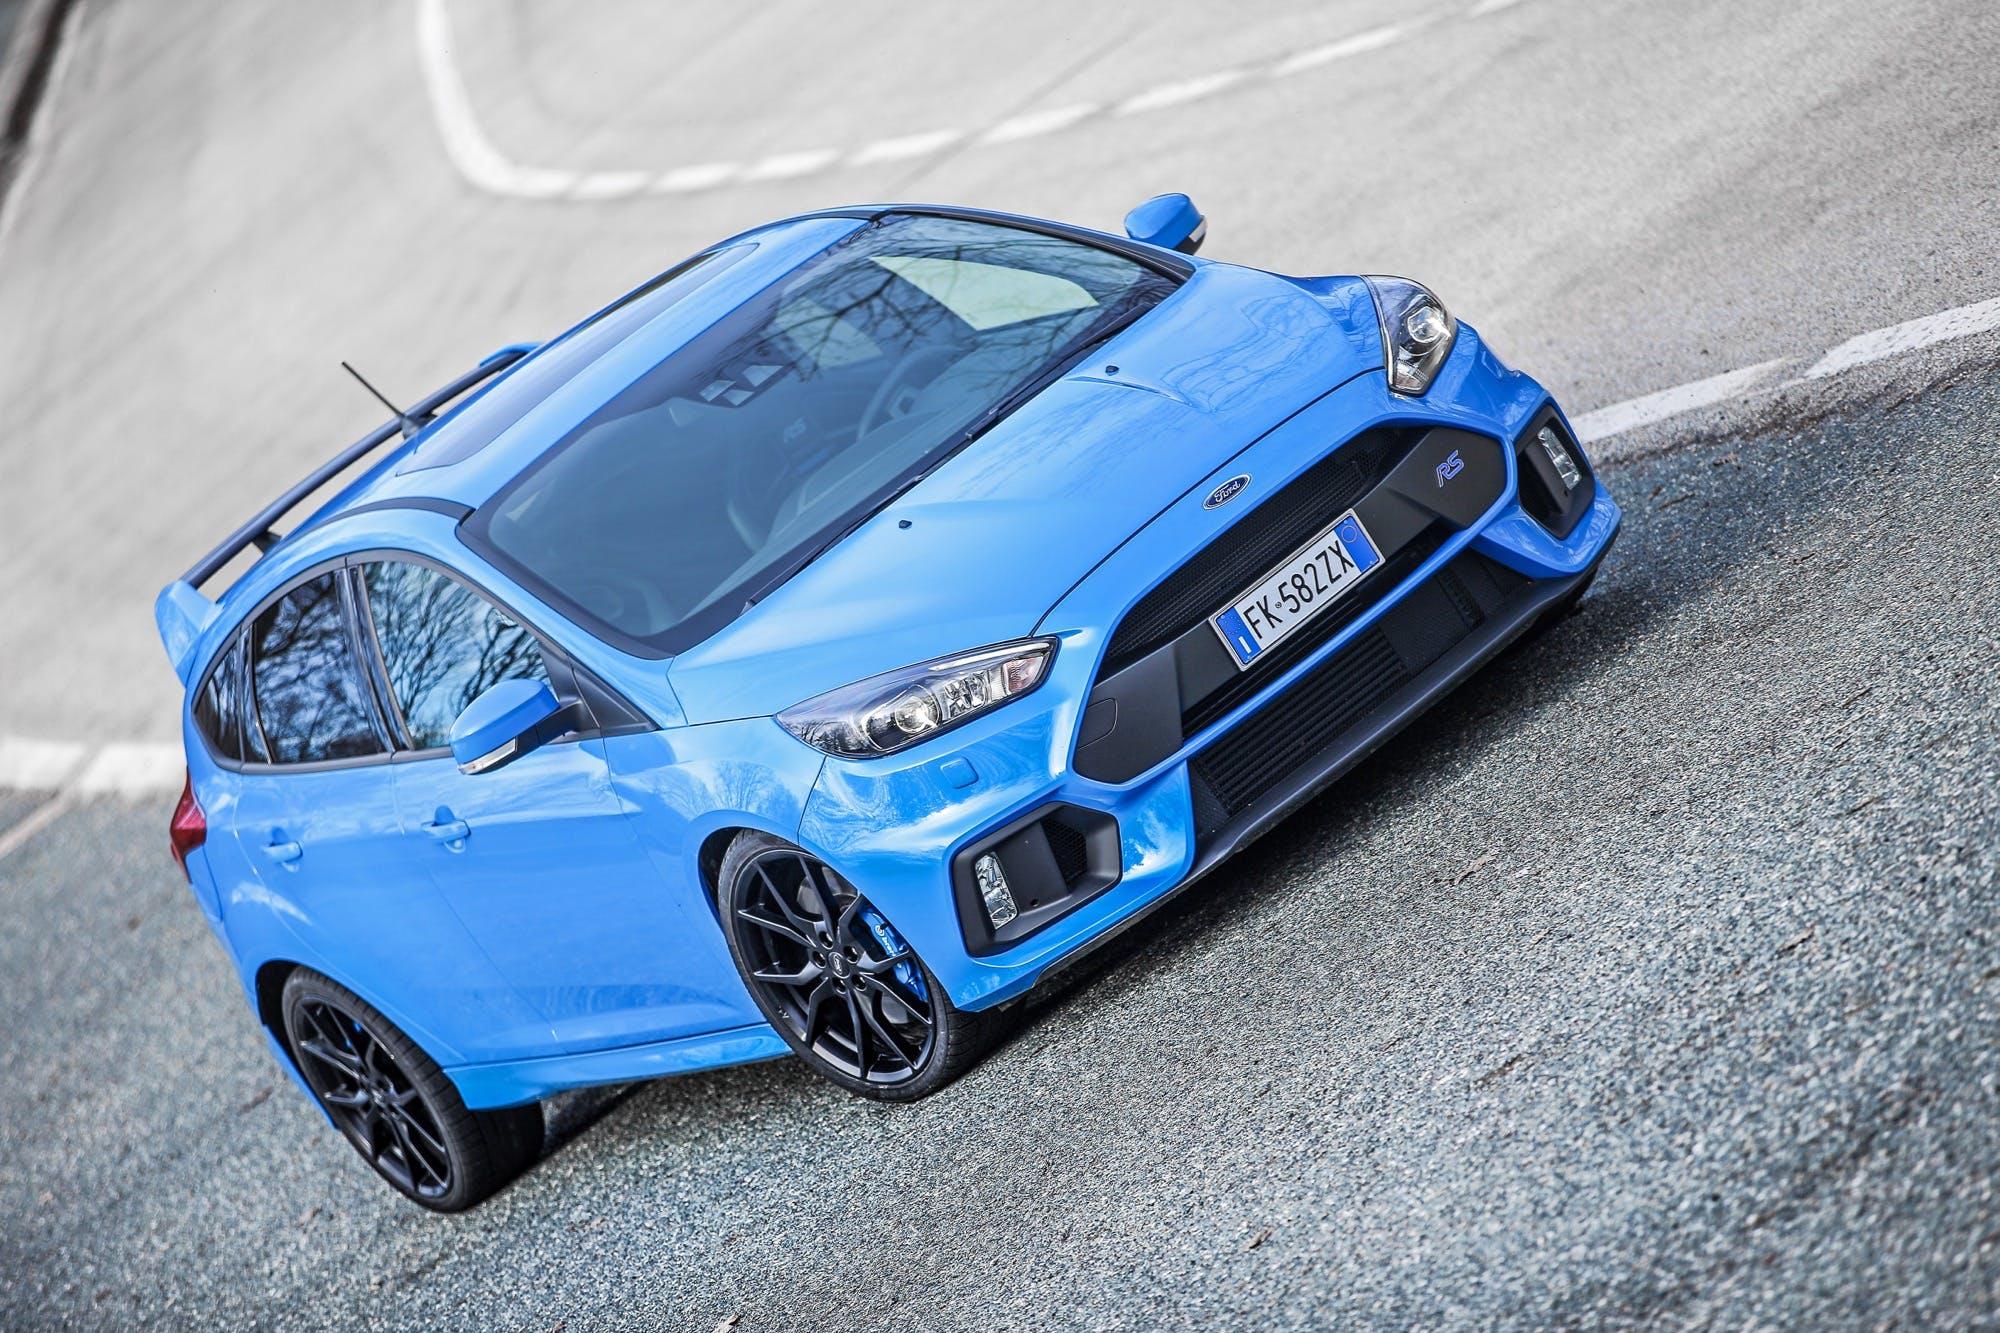 Ford Focus RS azzurro pronta ad aggredire un percorso tutto curve